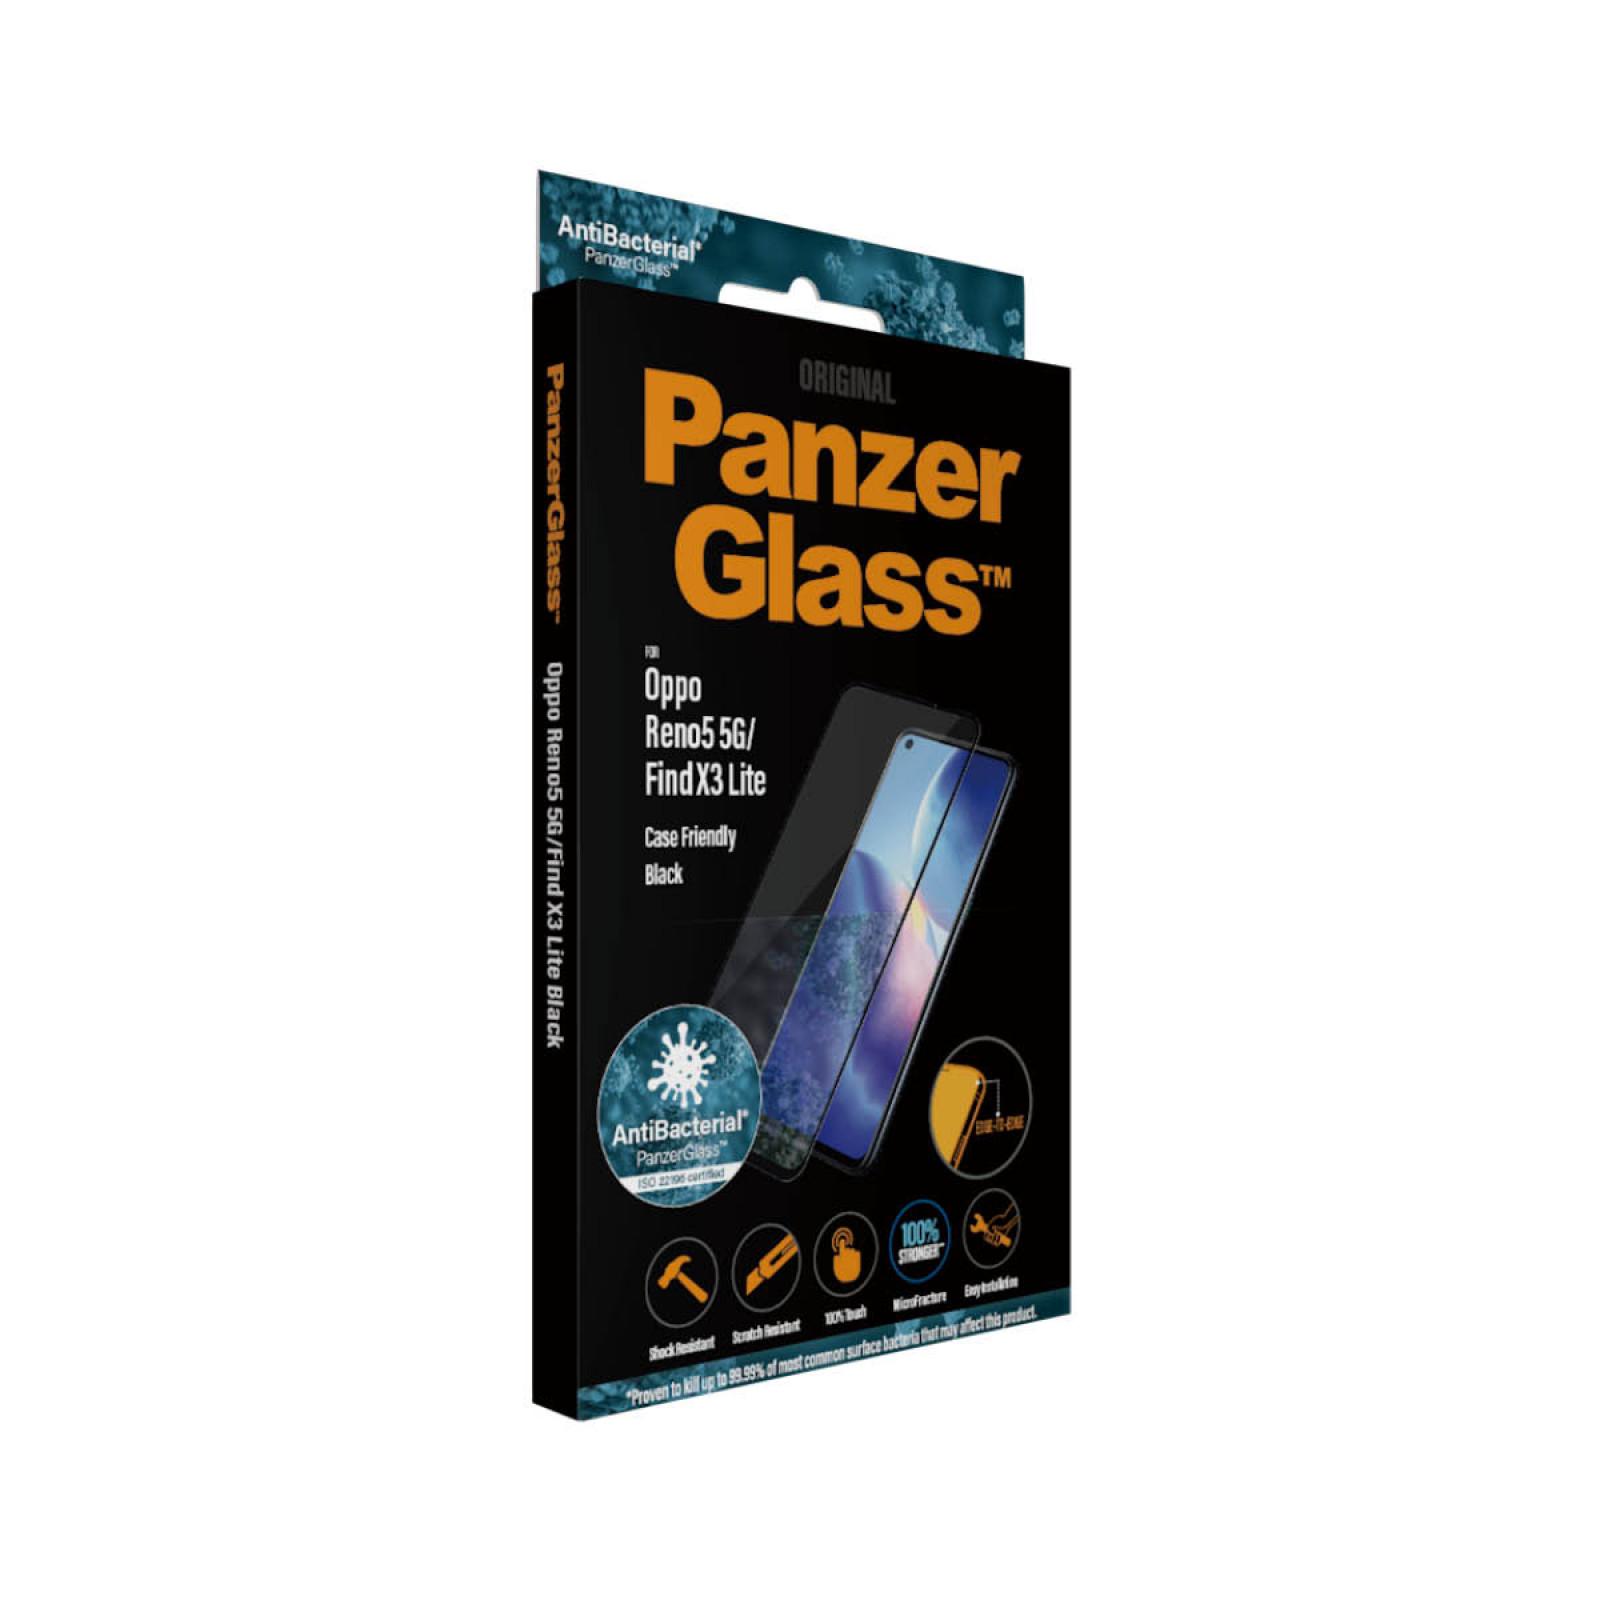 Стъклен протектор PanzerGlass за Oppo Reno 5 5G / Find X3 Lite, CaseFriendly, Antibacterial - Черно